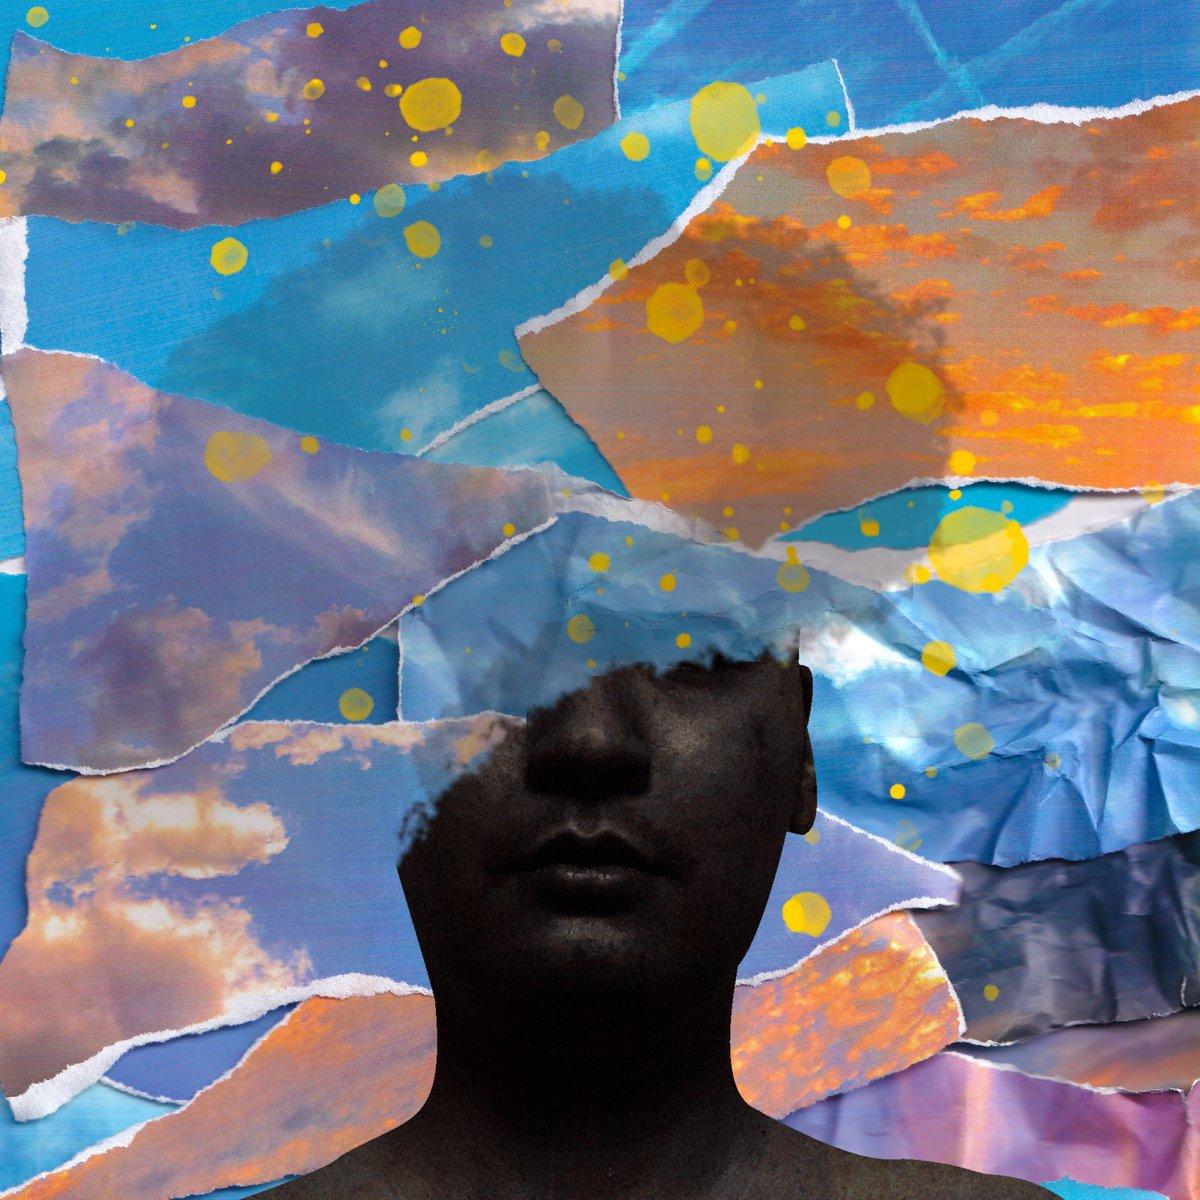 """【各社配信中】  SWING-B  """"TENKii""""  ep ①Blue  ②Rain  ③Pursuit (feat.BFN DWELLS)  ④元気 (feat.JAZEE MINOR)  ⑤天晴れ (feat.GEVILL)  ALL PROD by SIBA  RECORDED&MIXED by Dwells  MASTERED by SHIOTA HIROSHI  ART WORK by TAKAHIRO TAMURA  https://t.co/qaIpscGyb1 https://t.co/qisbCWTRCO"""